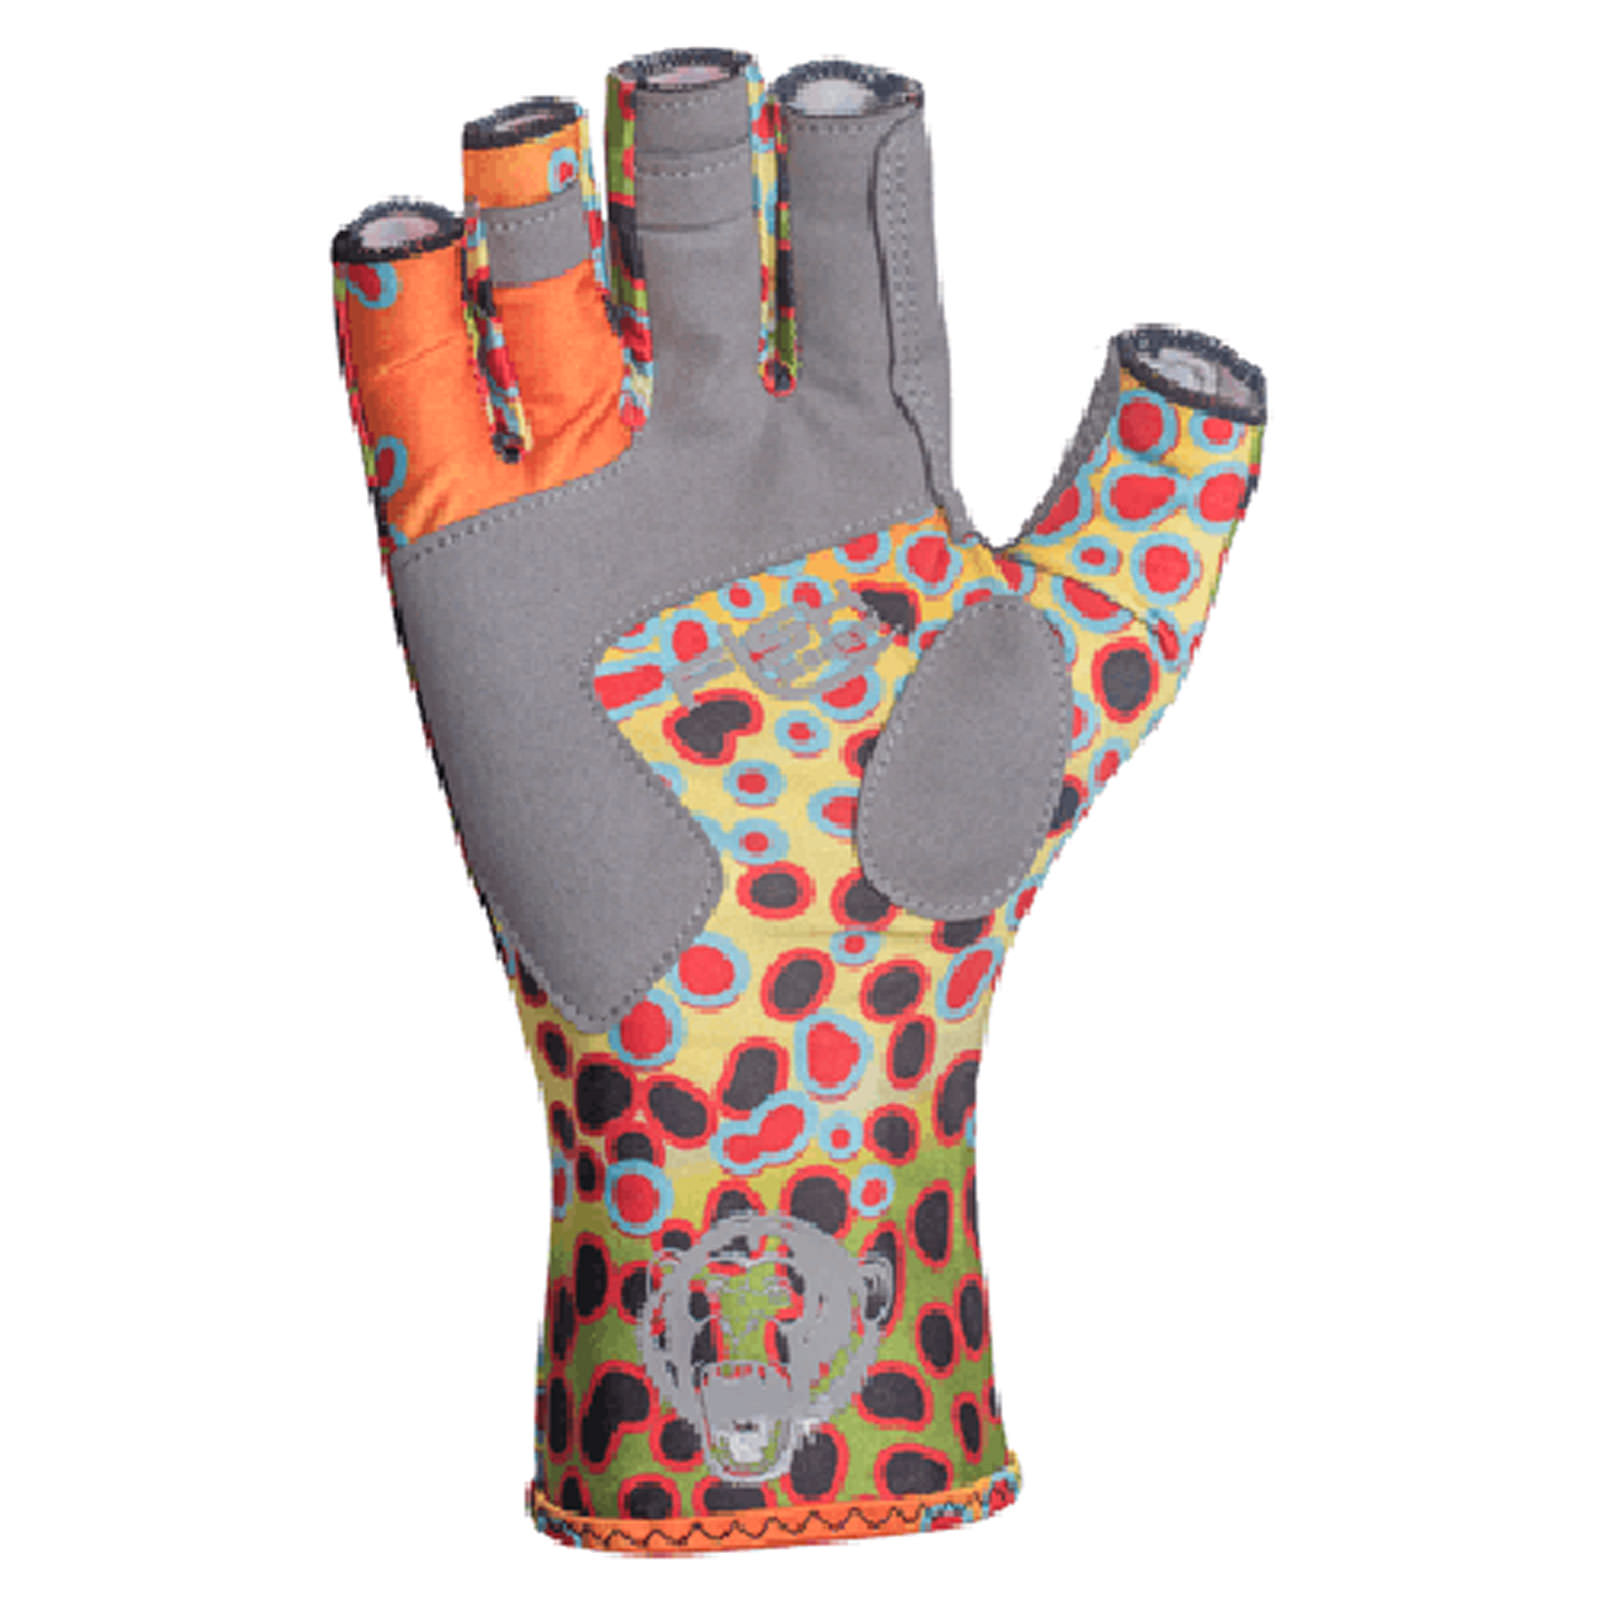 Fish Monkey Gloves Half-Finger Guide Gloves